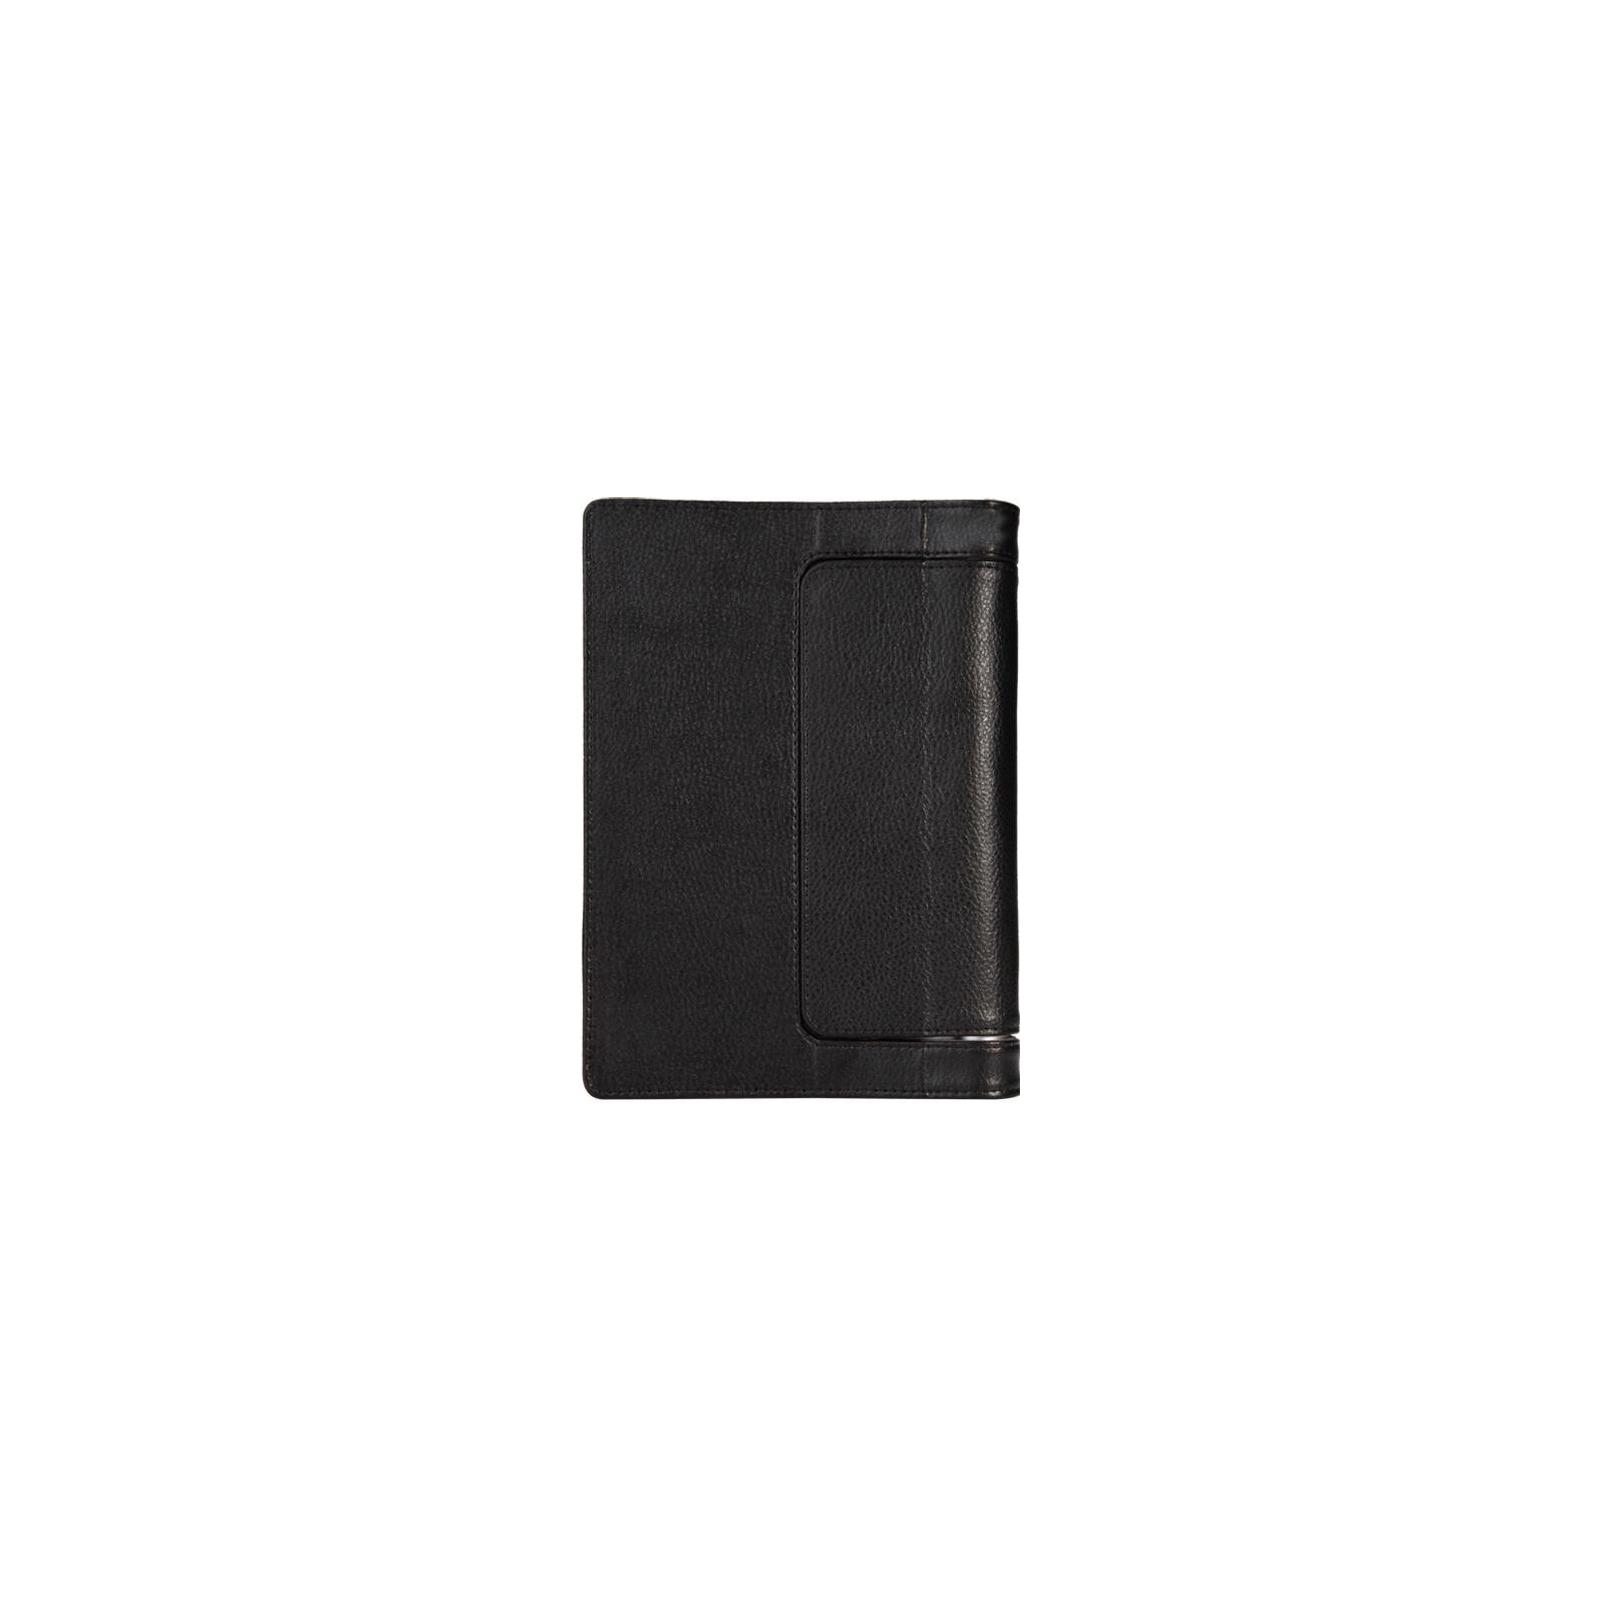 Чехол для планшета AirOn для Lenovo YOGA Tablet 3 8'' black (4822352770303) изображение 2